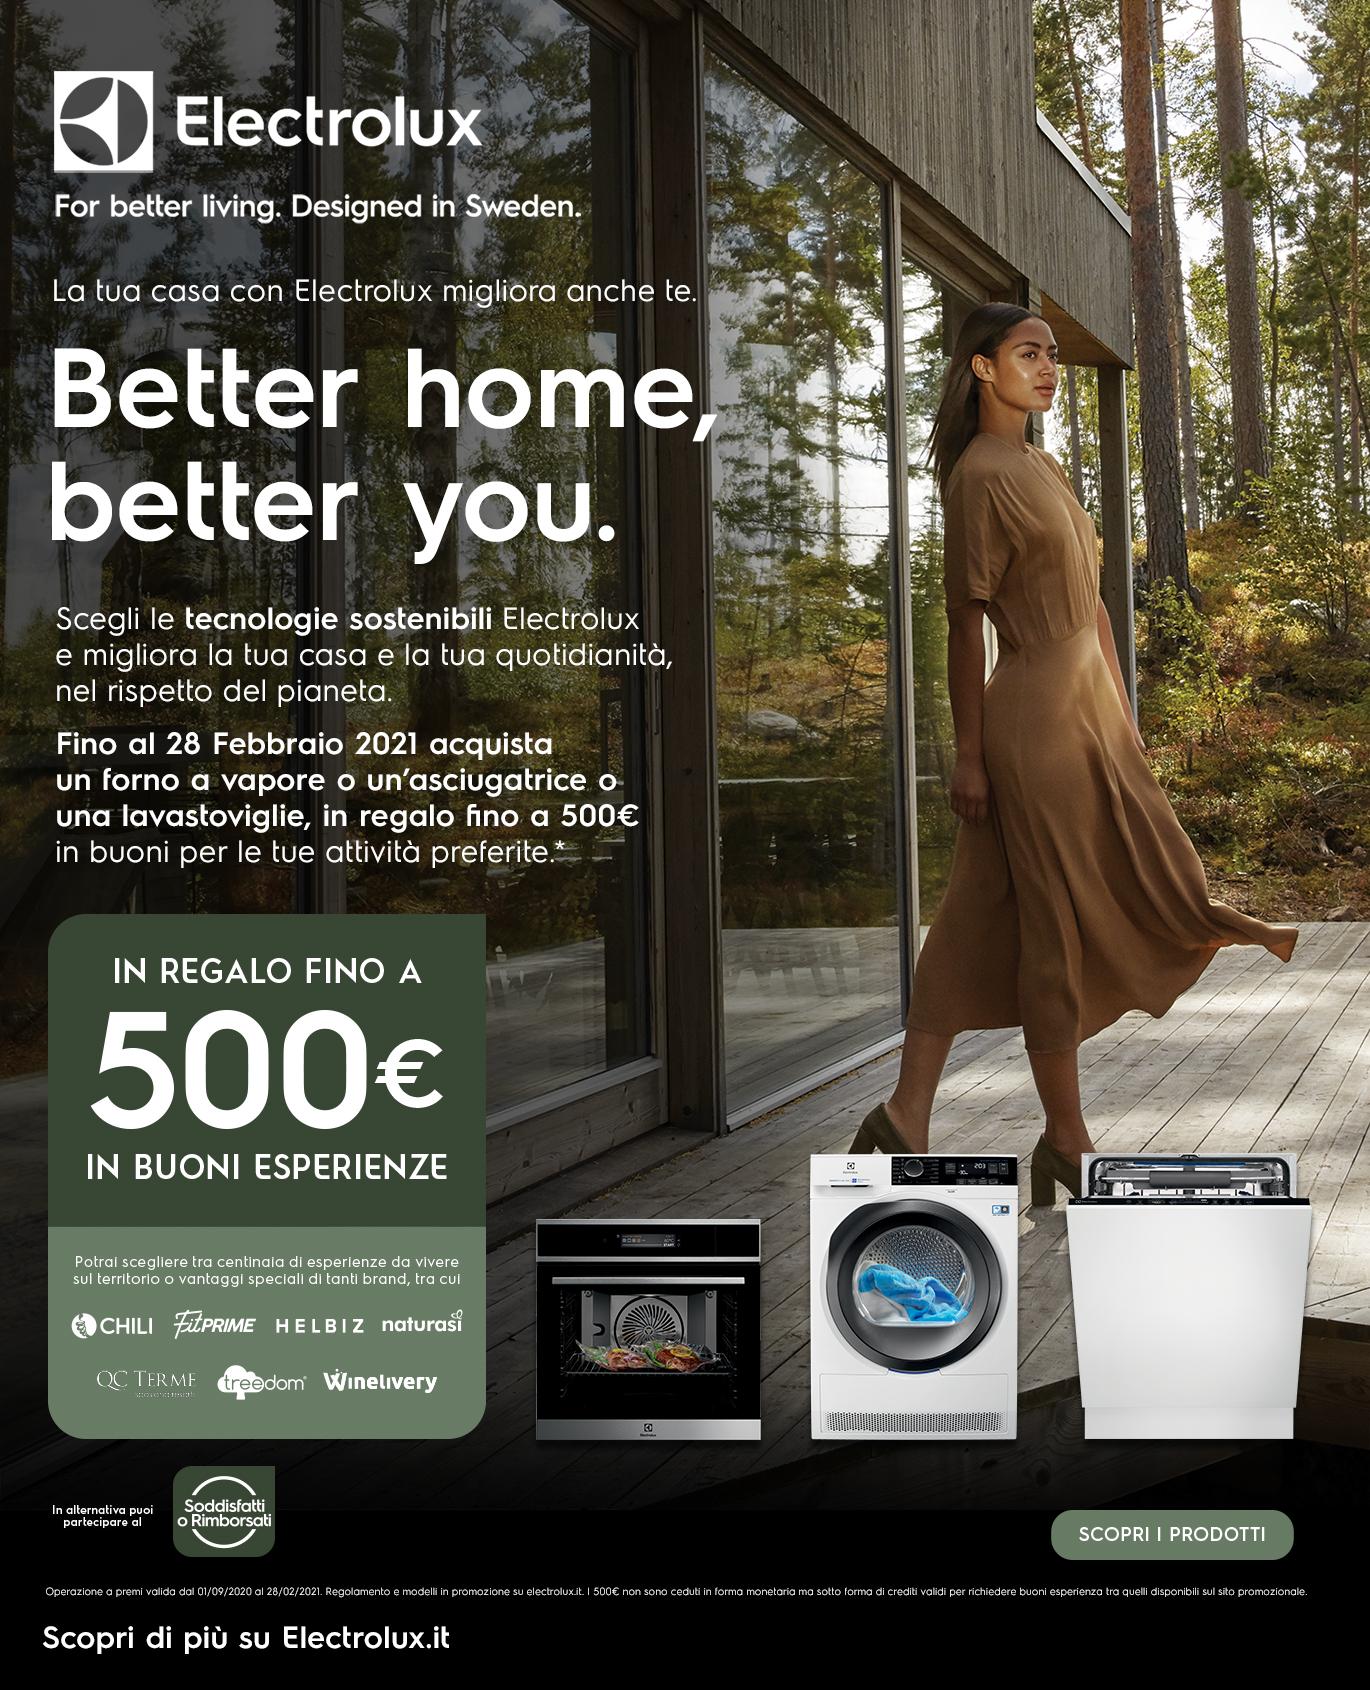 Promozione Grandi Elettrodomestici: Electrolux Better Home, Better You